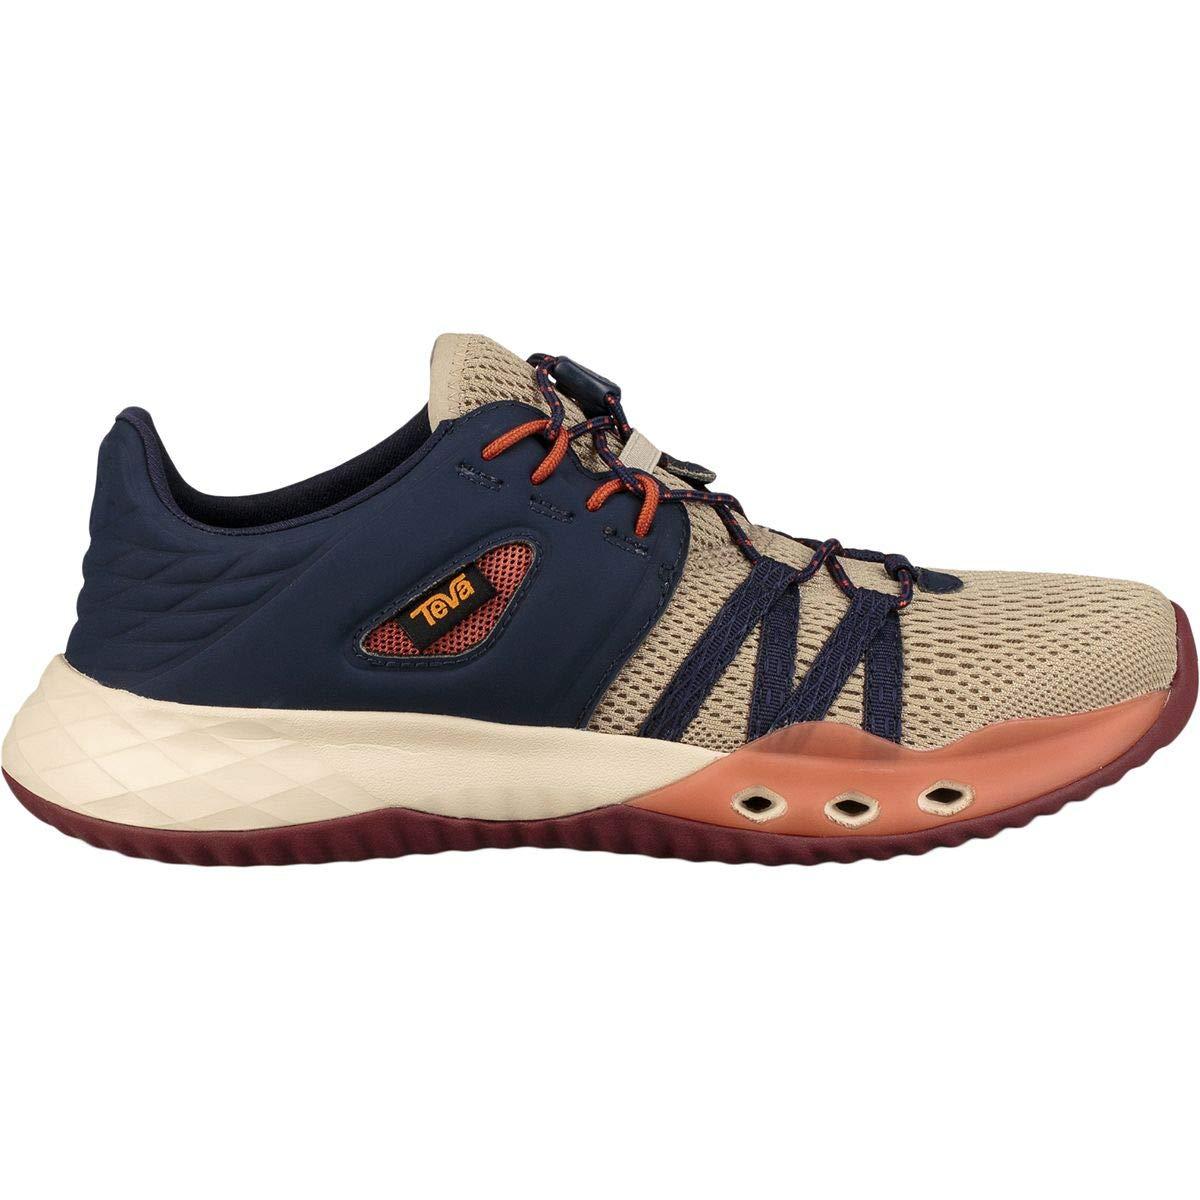 2018セール [テバ] レディース ランニング Terra-Float Shoe Churn It Up Water B07NZLJH7R Shoe Terra-Float [並行輸入品] B07NZLJH7R 6.5, モンドクラブ:eaa64b94 --- choudeshwaripatpedhi.com